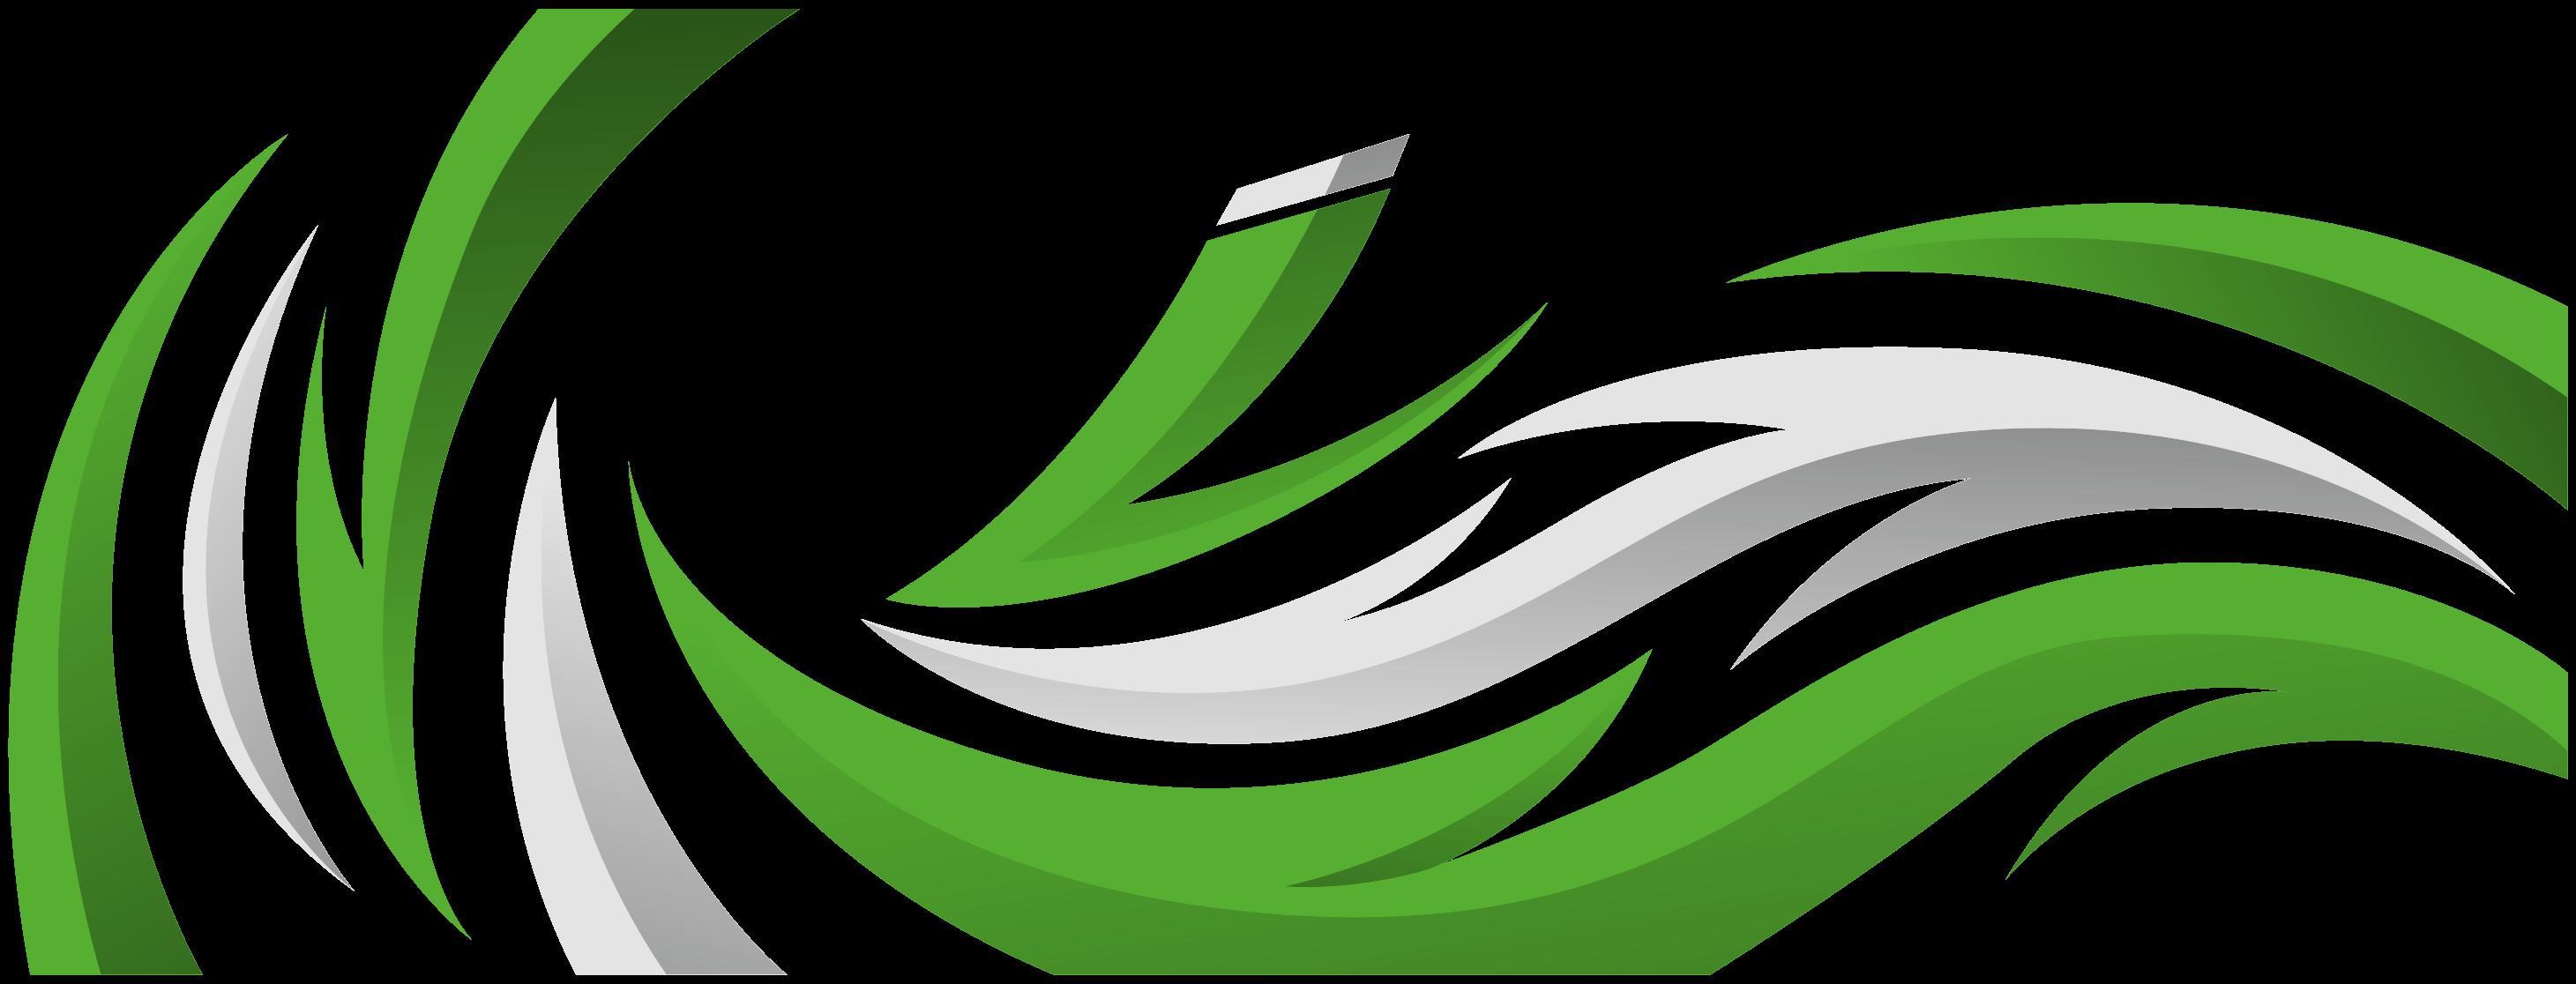 TENSTICKERS. スポーツカーラップカーデカール. あなたの車のための装飾的なスポーツカーのステッカーラップデザイン。車両のドアスペースに適したグリーンとグレーのスポーツカーラップデカール。